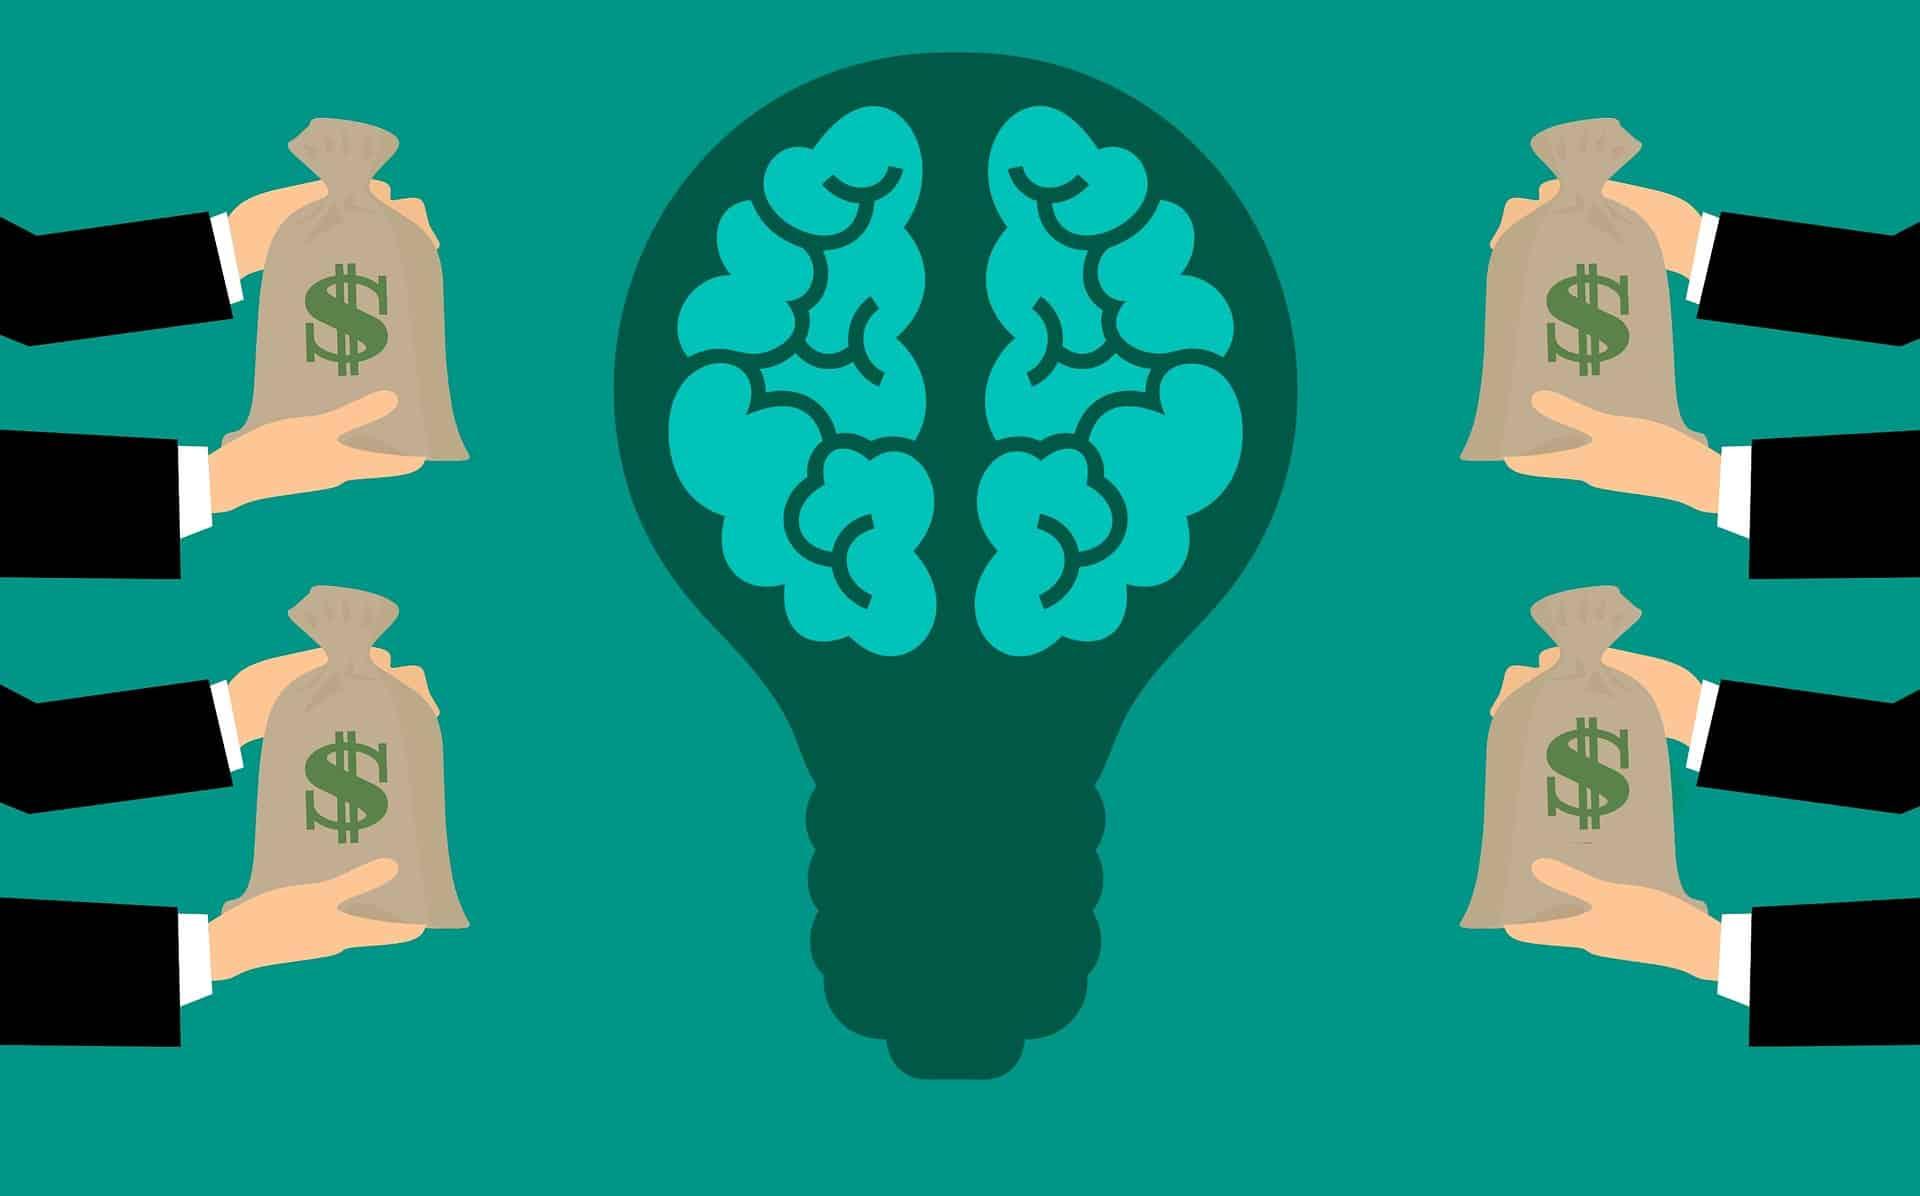 En række hænder giver penge til en lyspære med en hjerne, der symboliserer en god ide